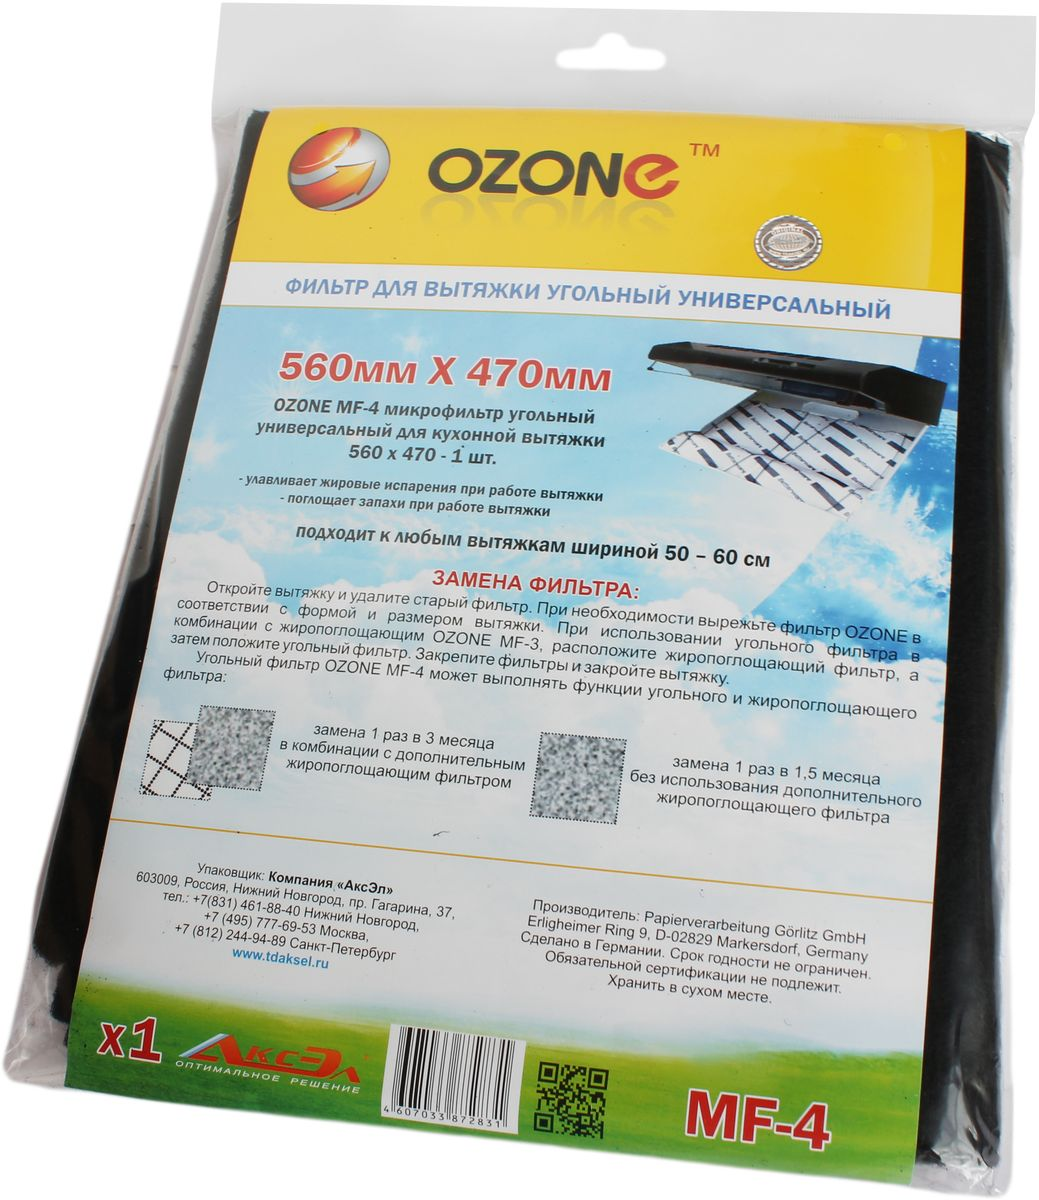 Микрофильтр Ozone MF-4 для вытяжки угольный универсальный